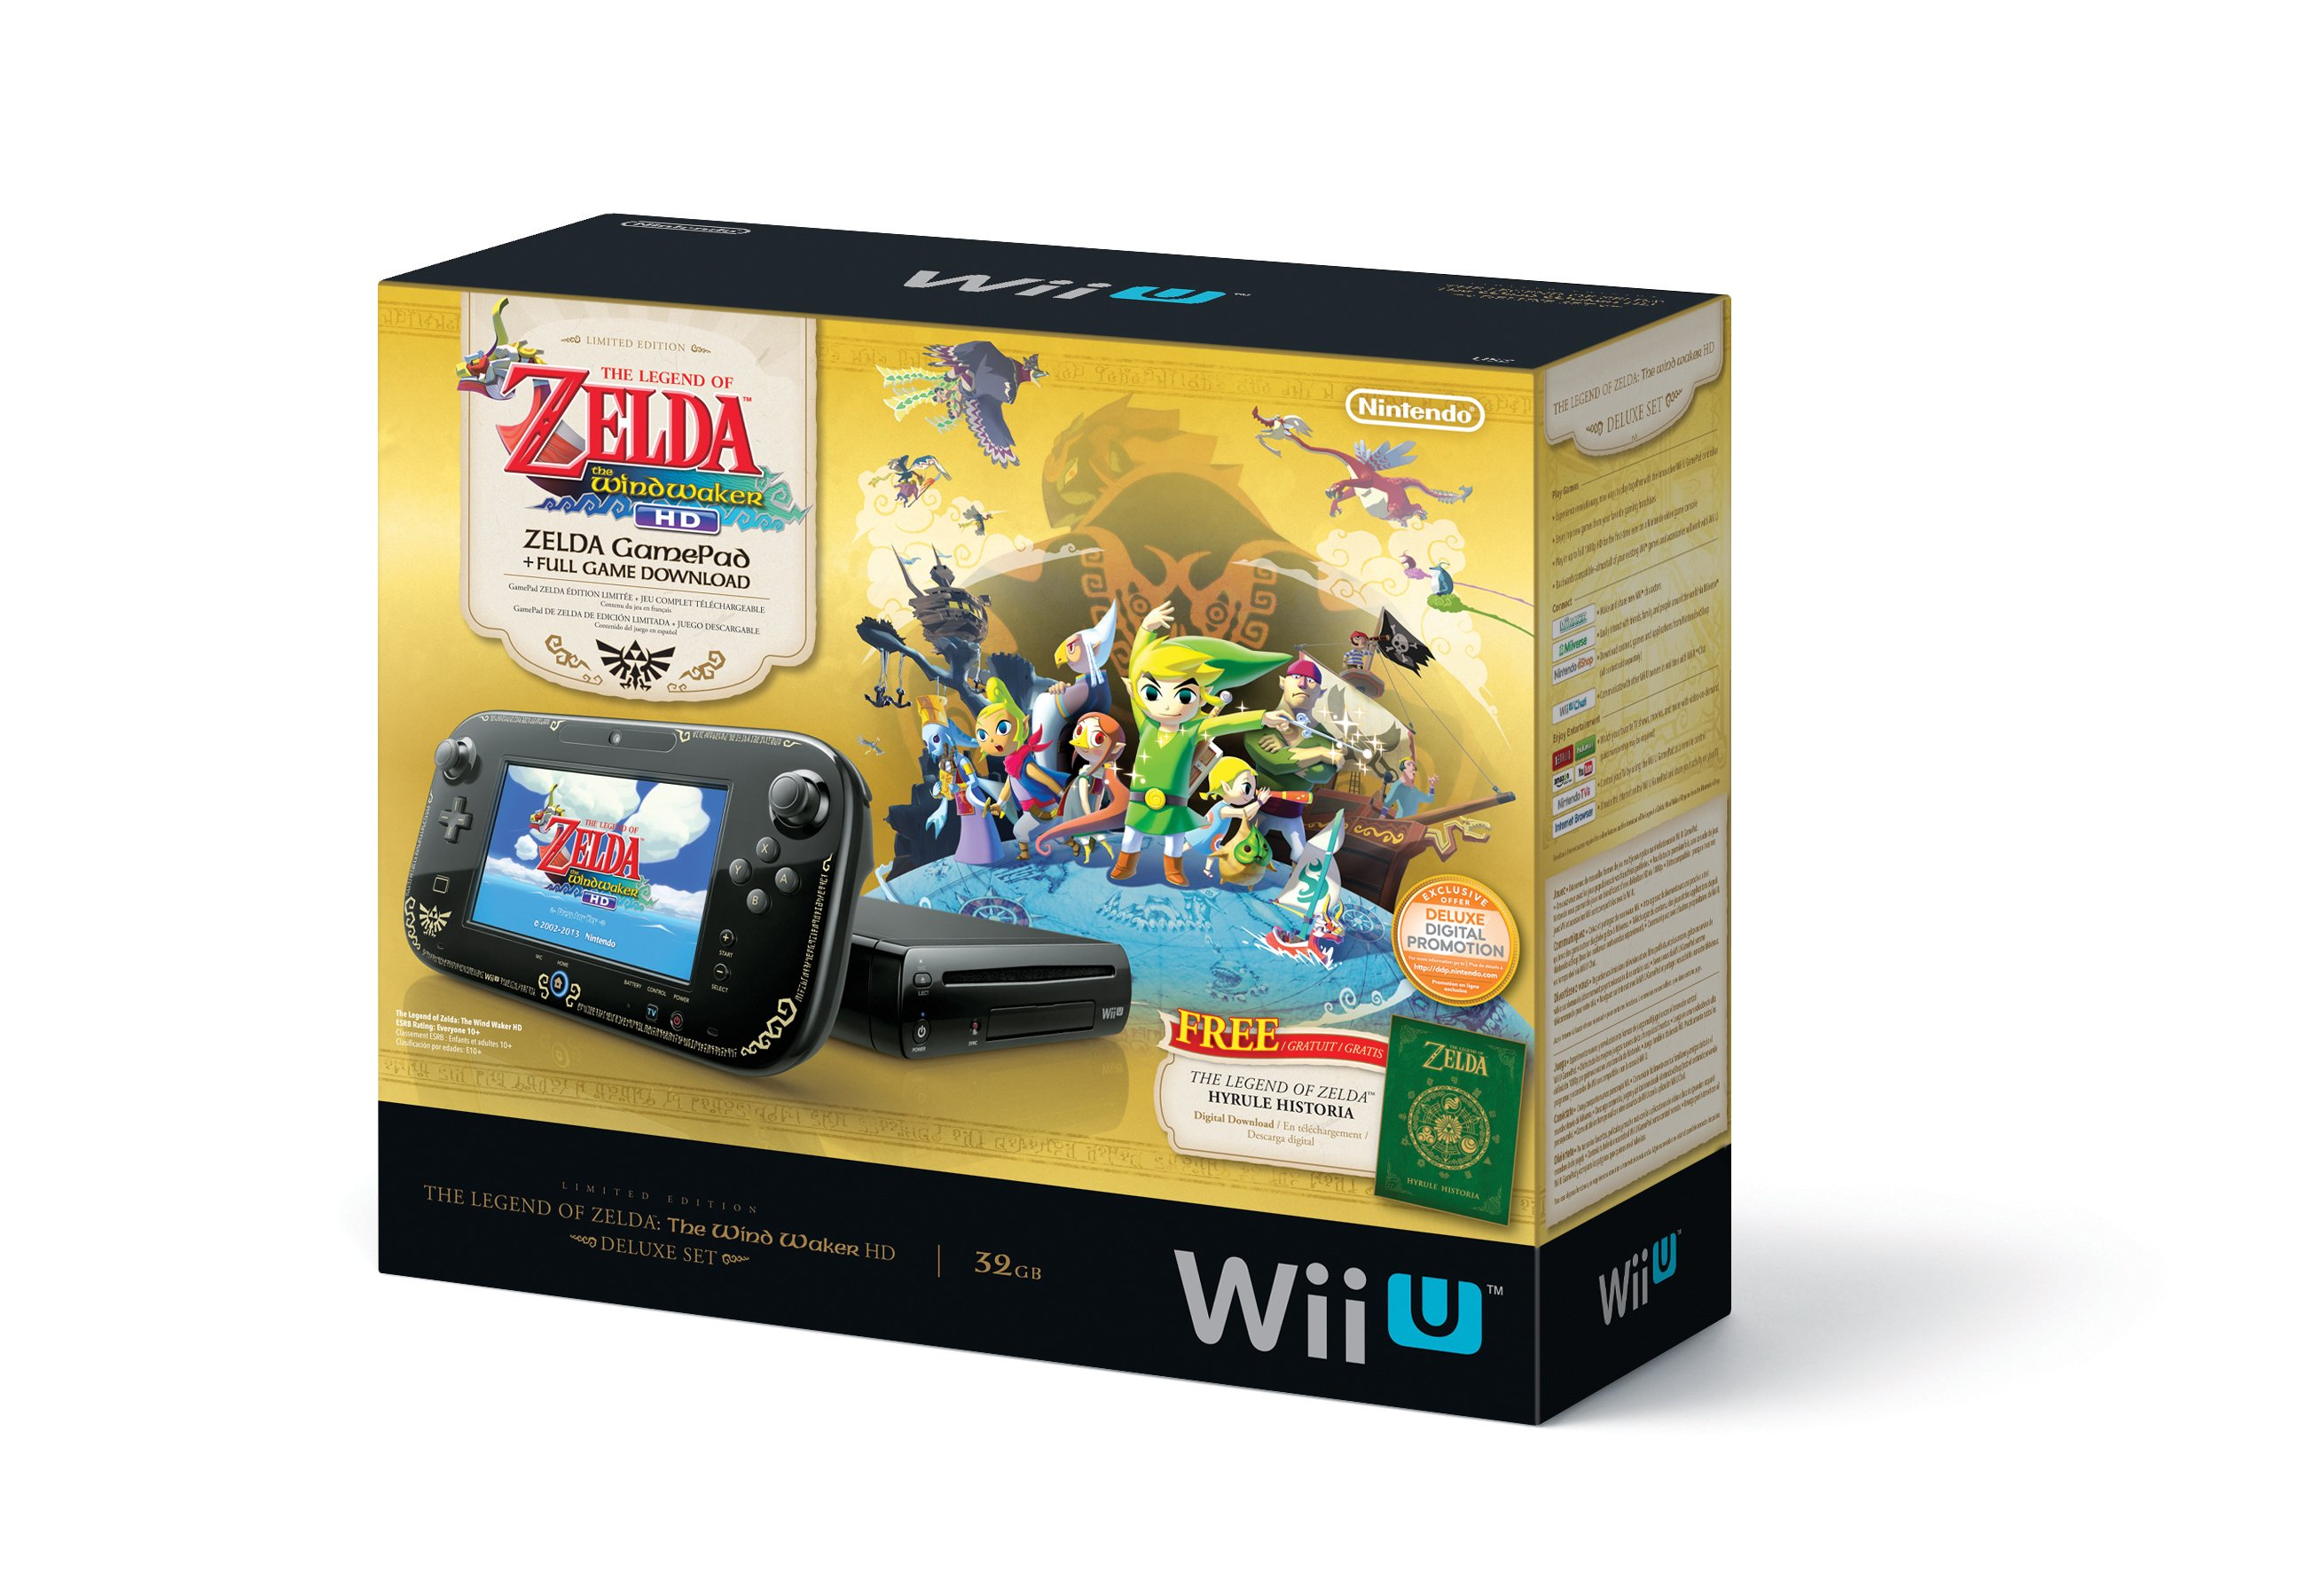 Цена на #WiiU Deluxe Set 20 сентября будет снижена на 50$, то есть все это дело обойдется в $299.99 (как понято прай ... - Изображение 1